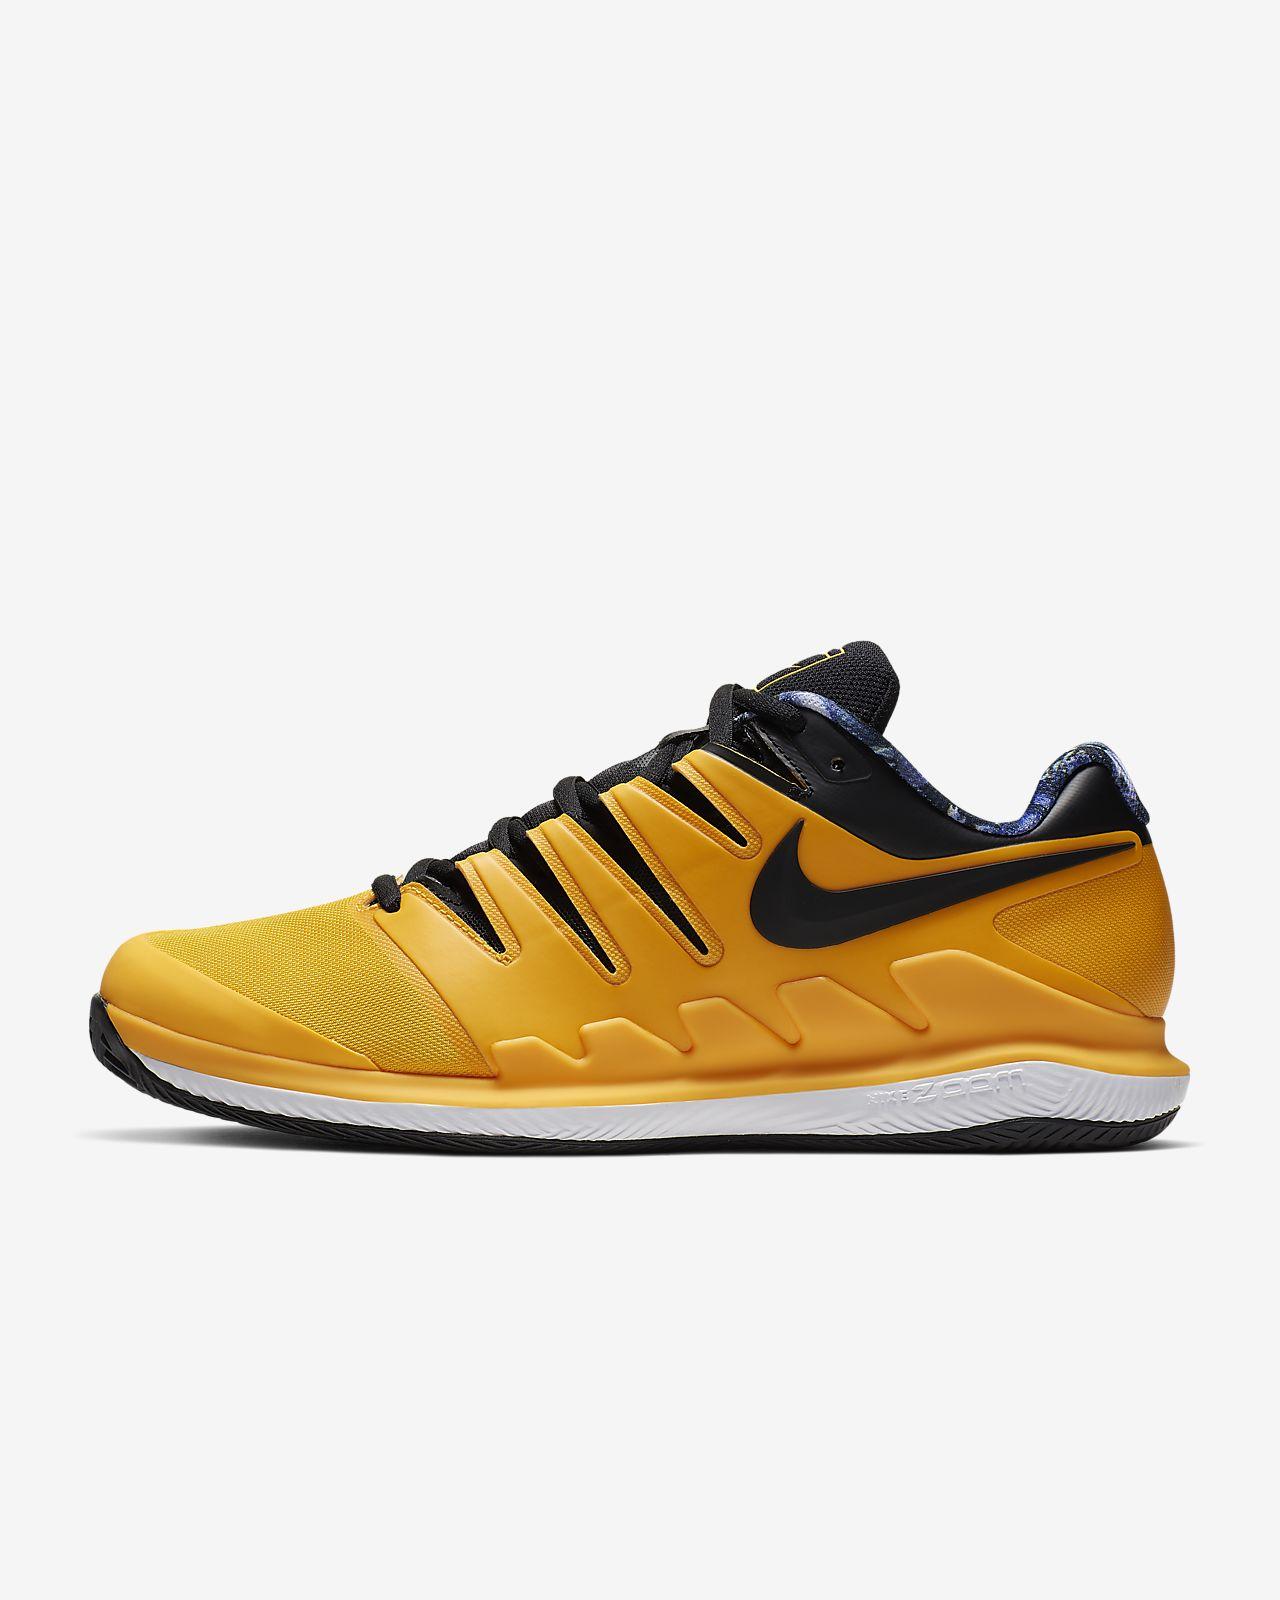 Chaussure Battue De Tennis Vapor Air Terre Homme Zoom X Pour Nikecourt OiTukXZP